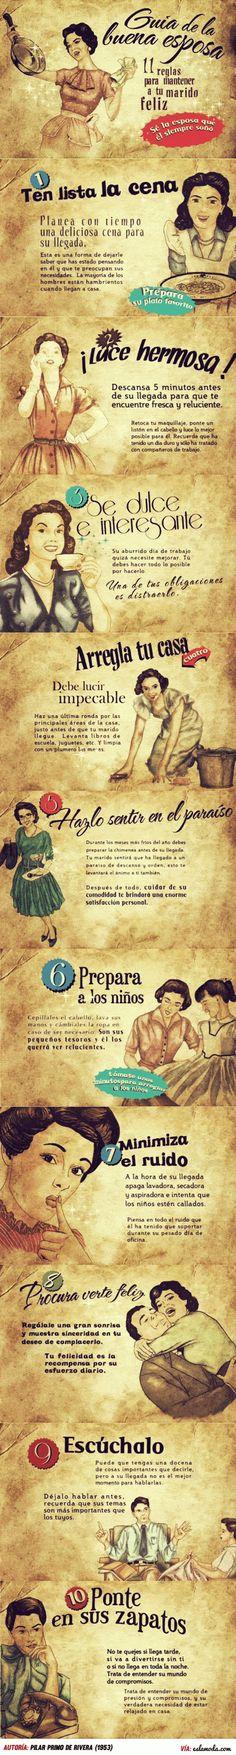 Guía de la Buena Esposa. 11 Reglas para mantener feliz a tu marido (1953) ⋮ Es la moda